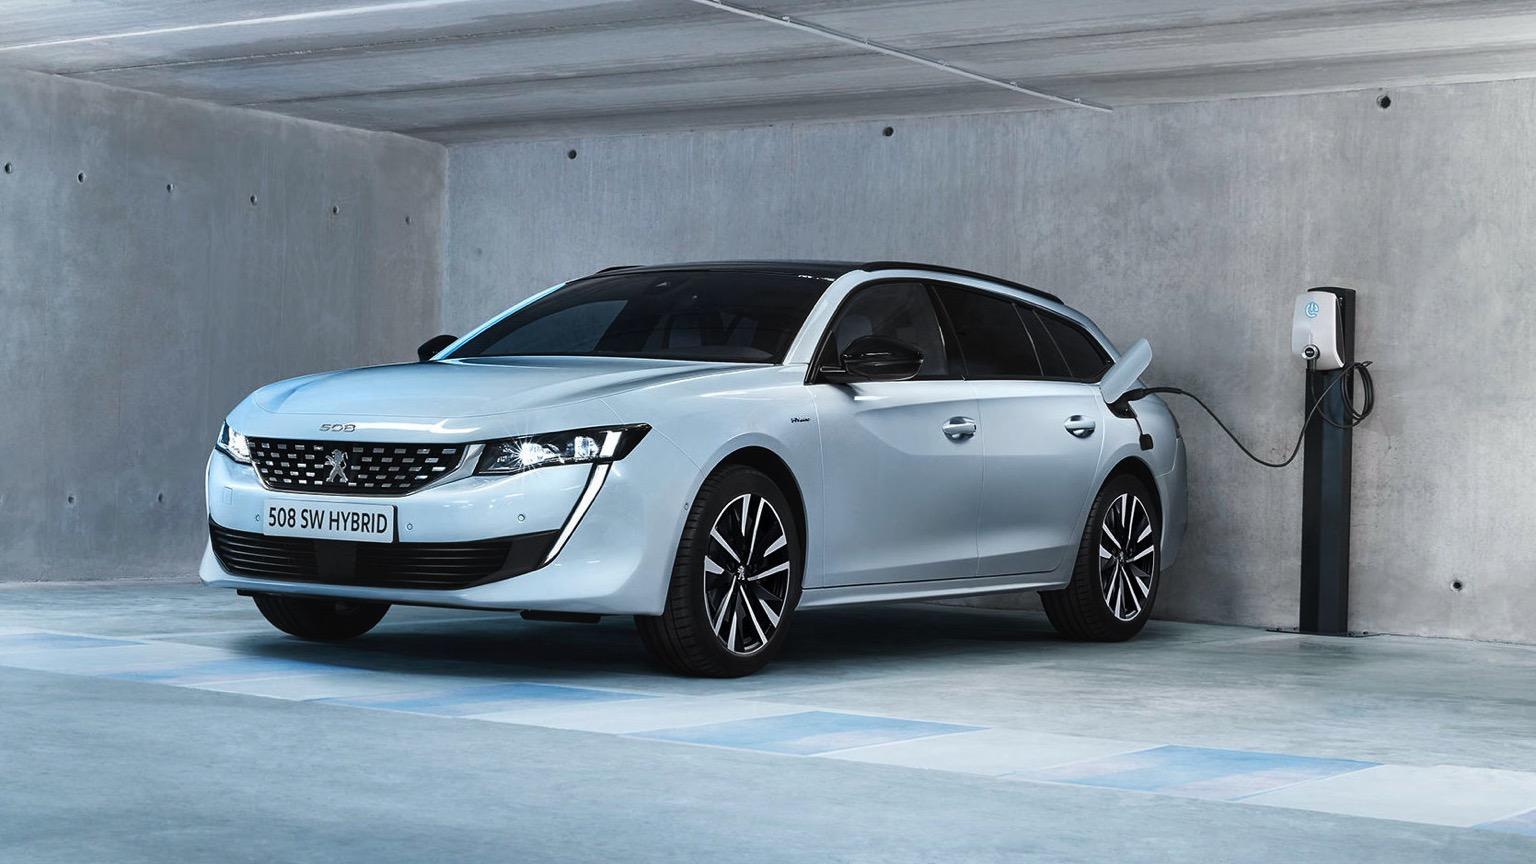 Peugeot_508_SW_HYbrid-01@2x